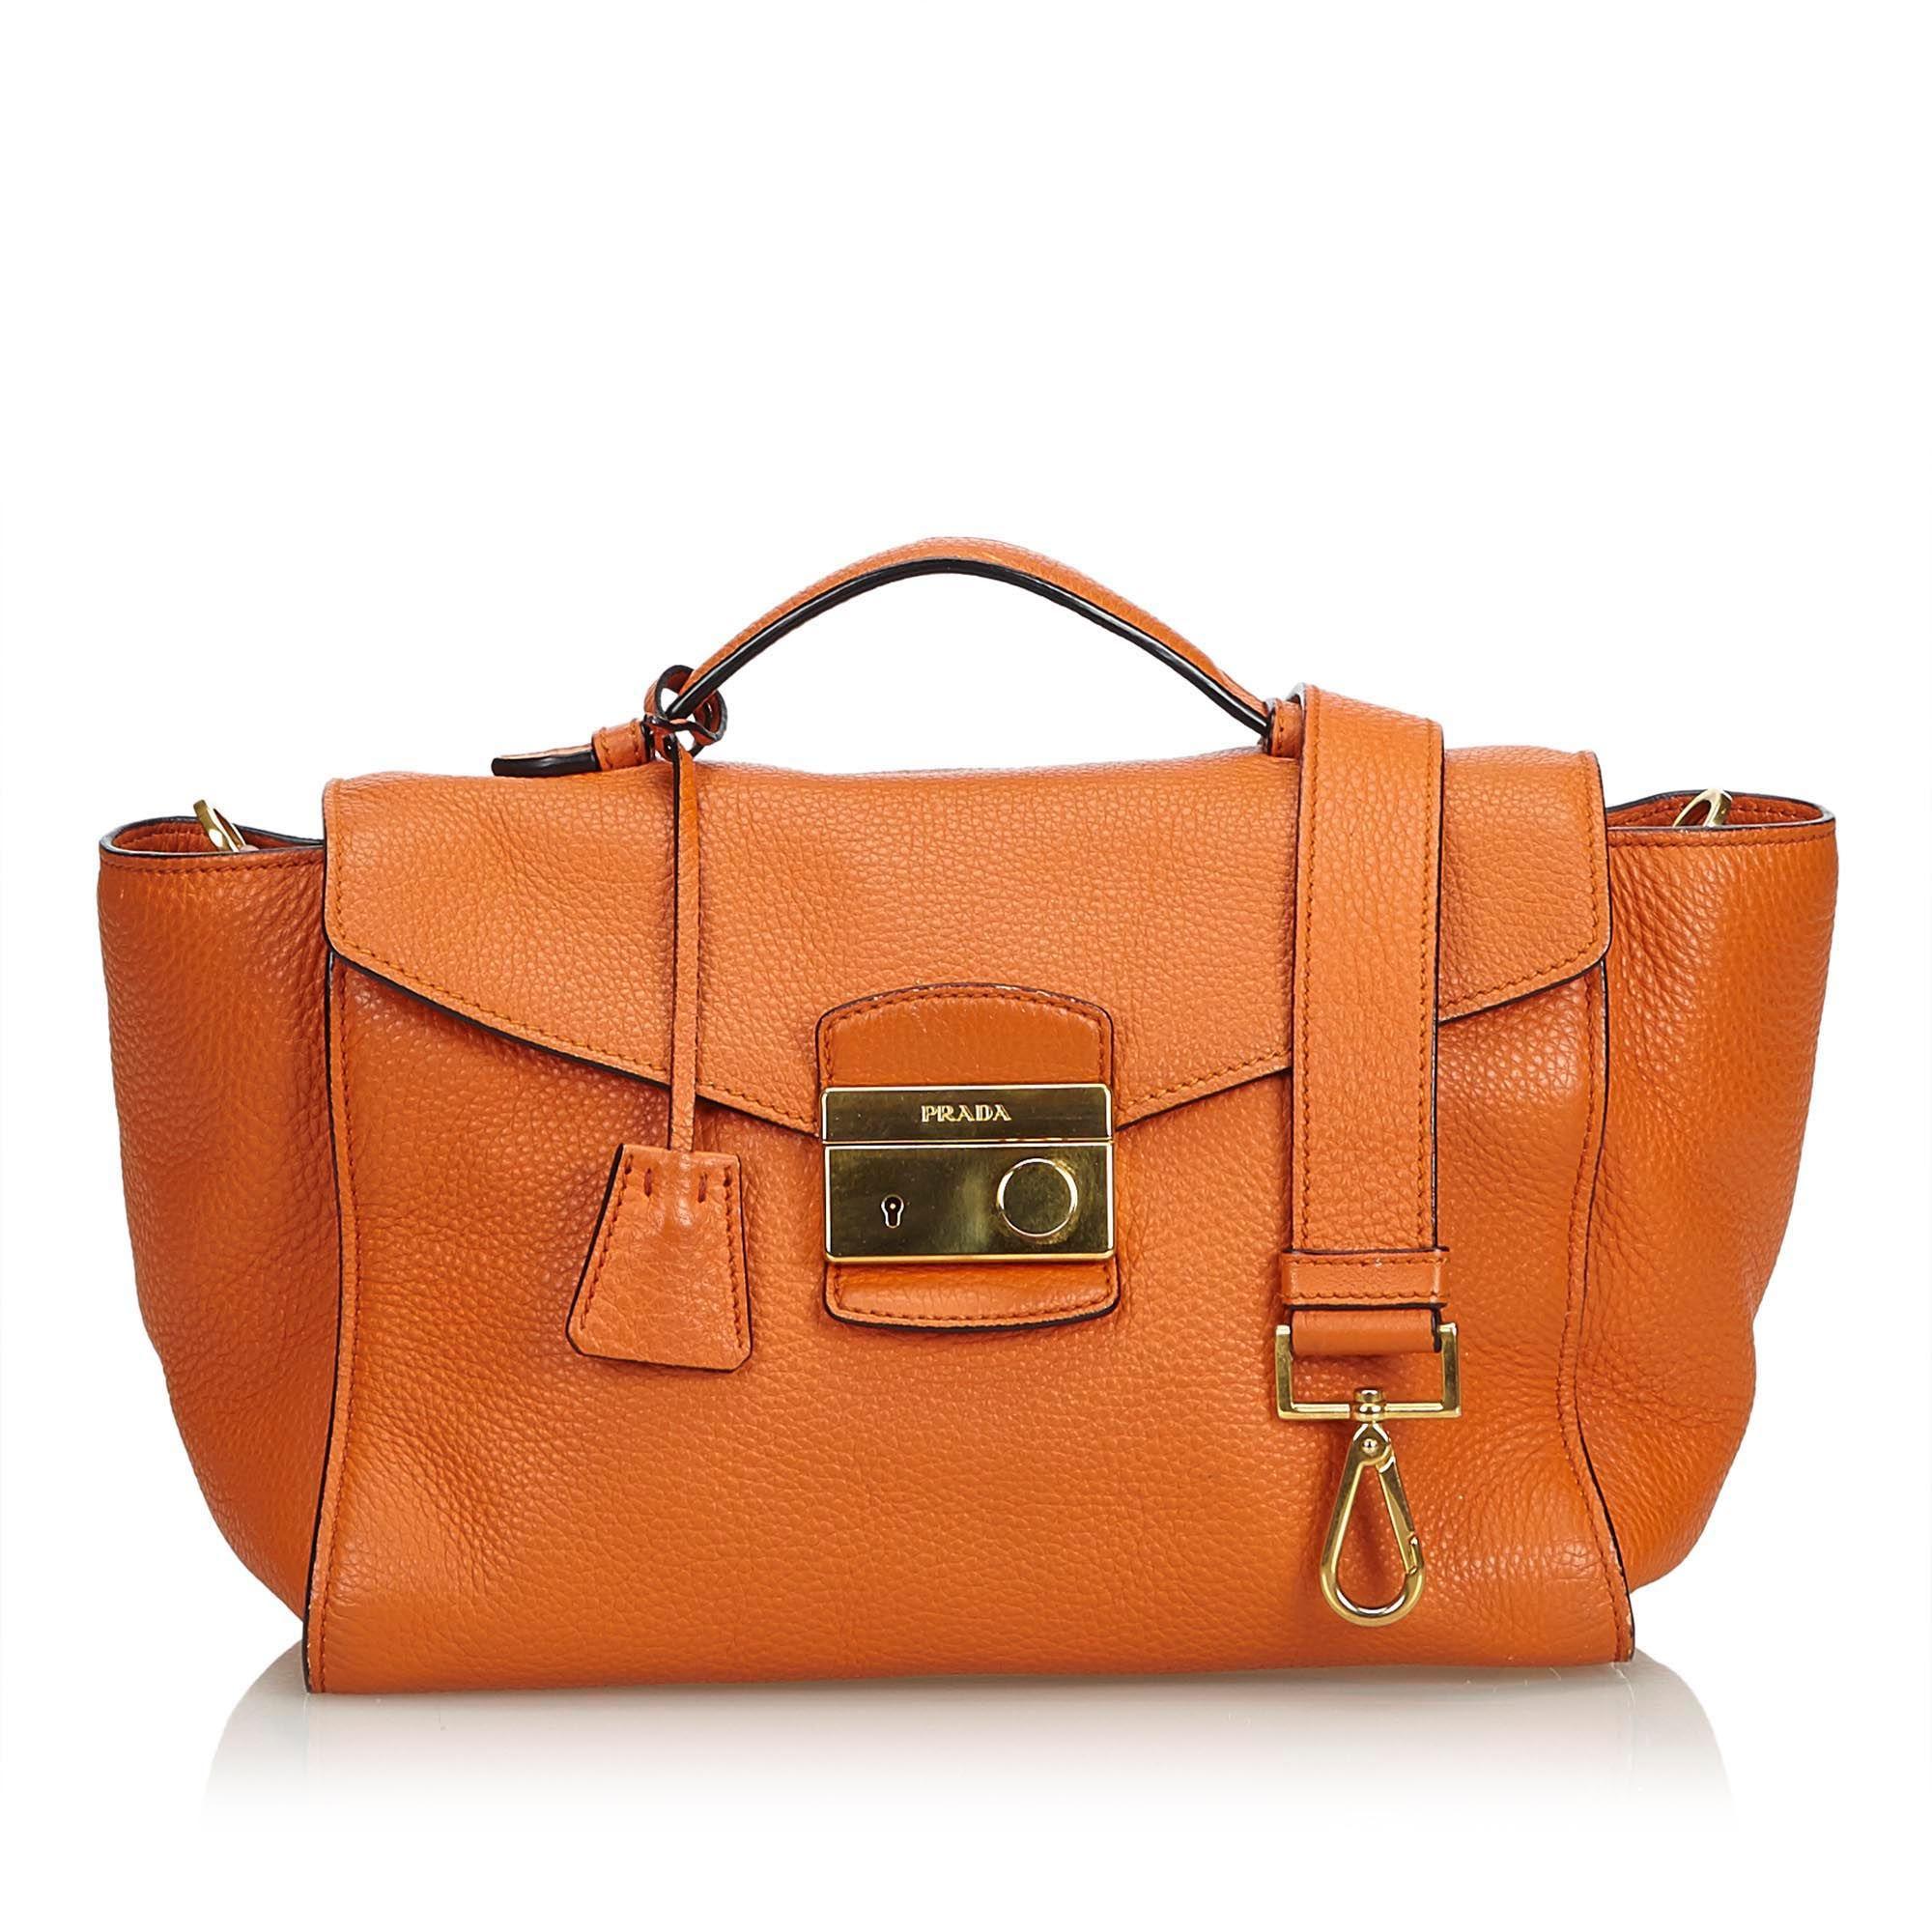 Vintage Prada Leather Satchel Orange